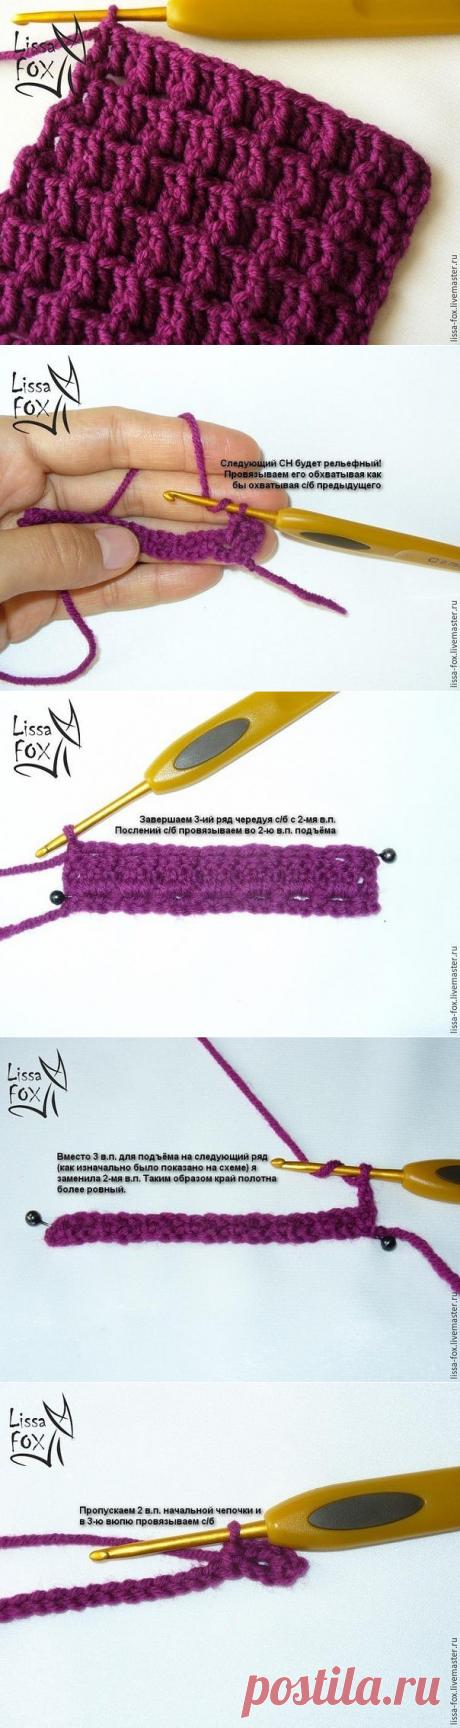 Мастер-класс: вяжем крючком узор Вафелька   Вязание для начинающих. Уроки вязания спицами и крючком